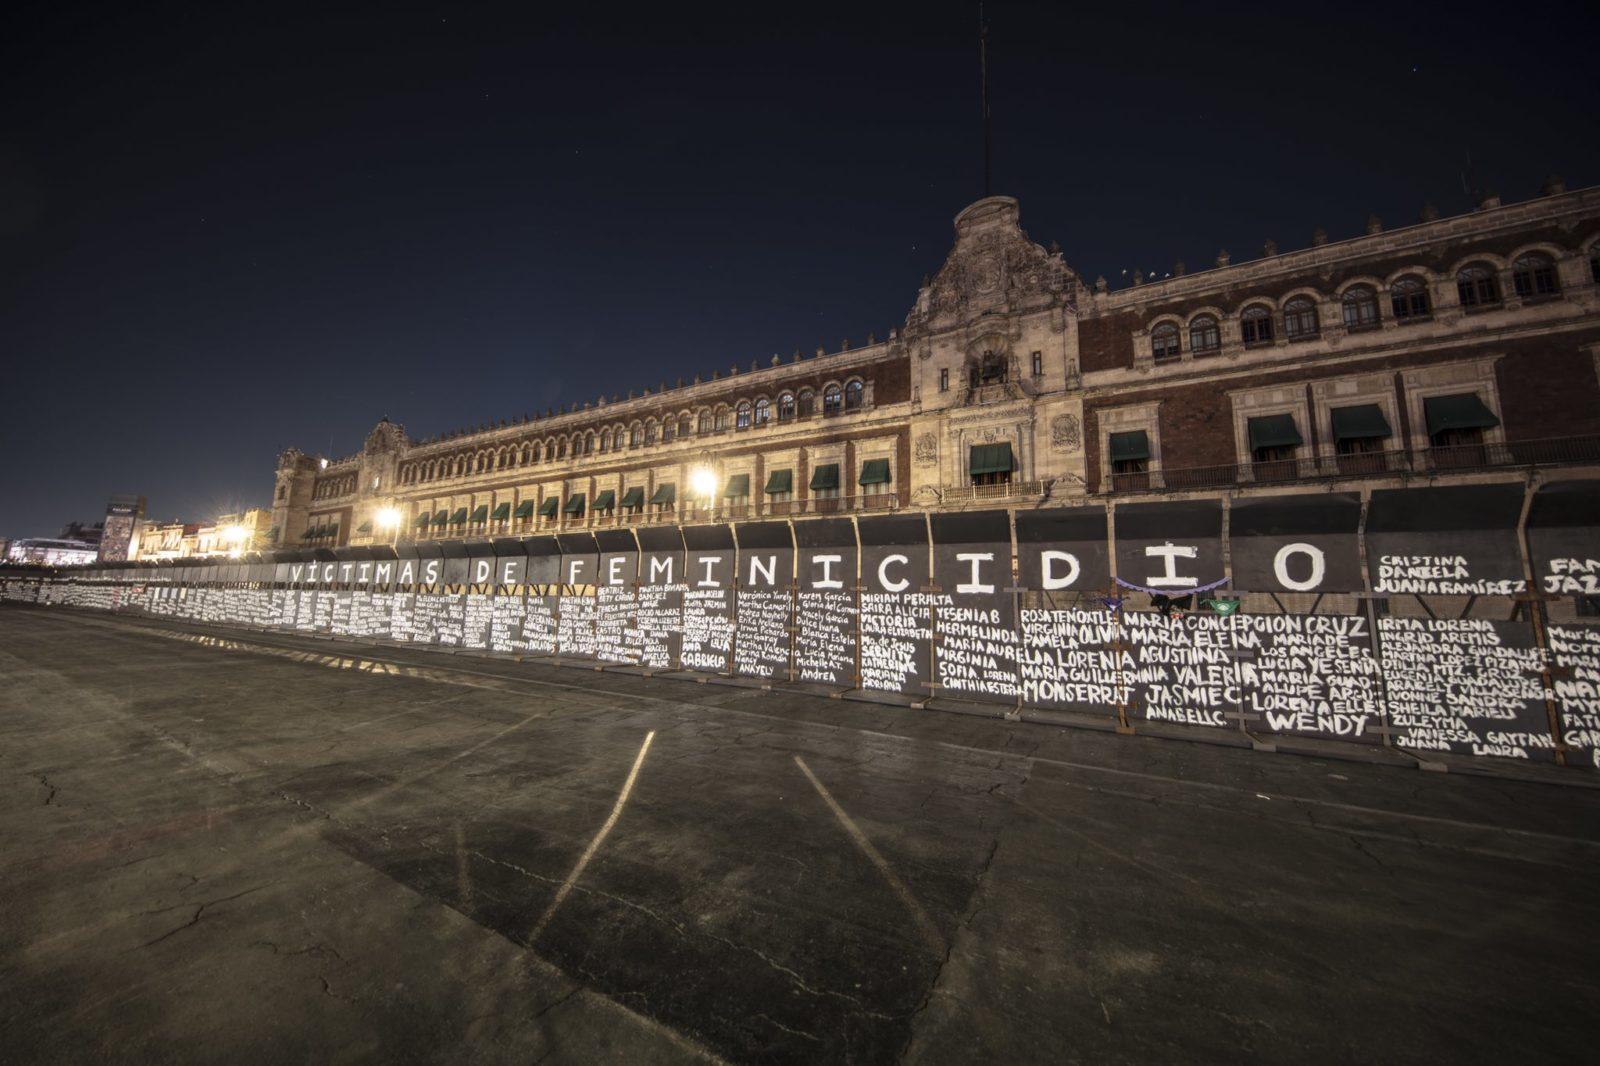 Női áldozatok nevét festették fel aktivisták a mexikói elnöki palota kordonjára